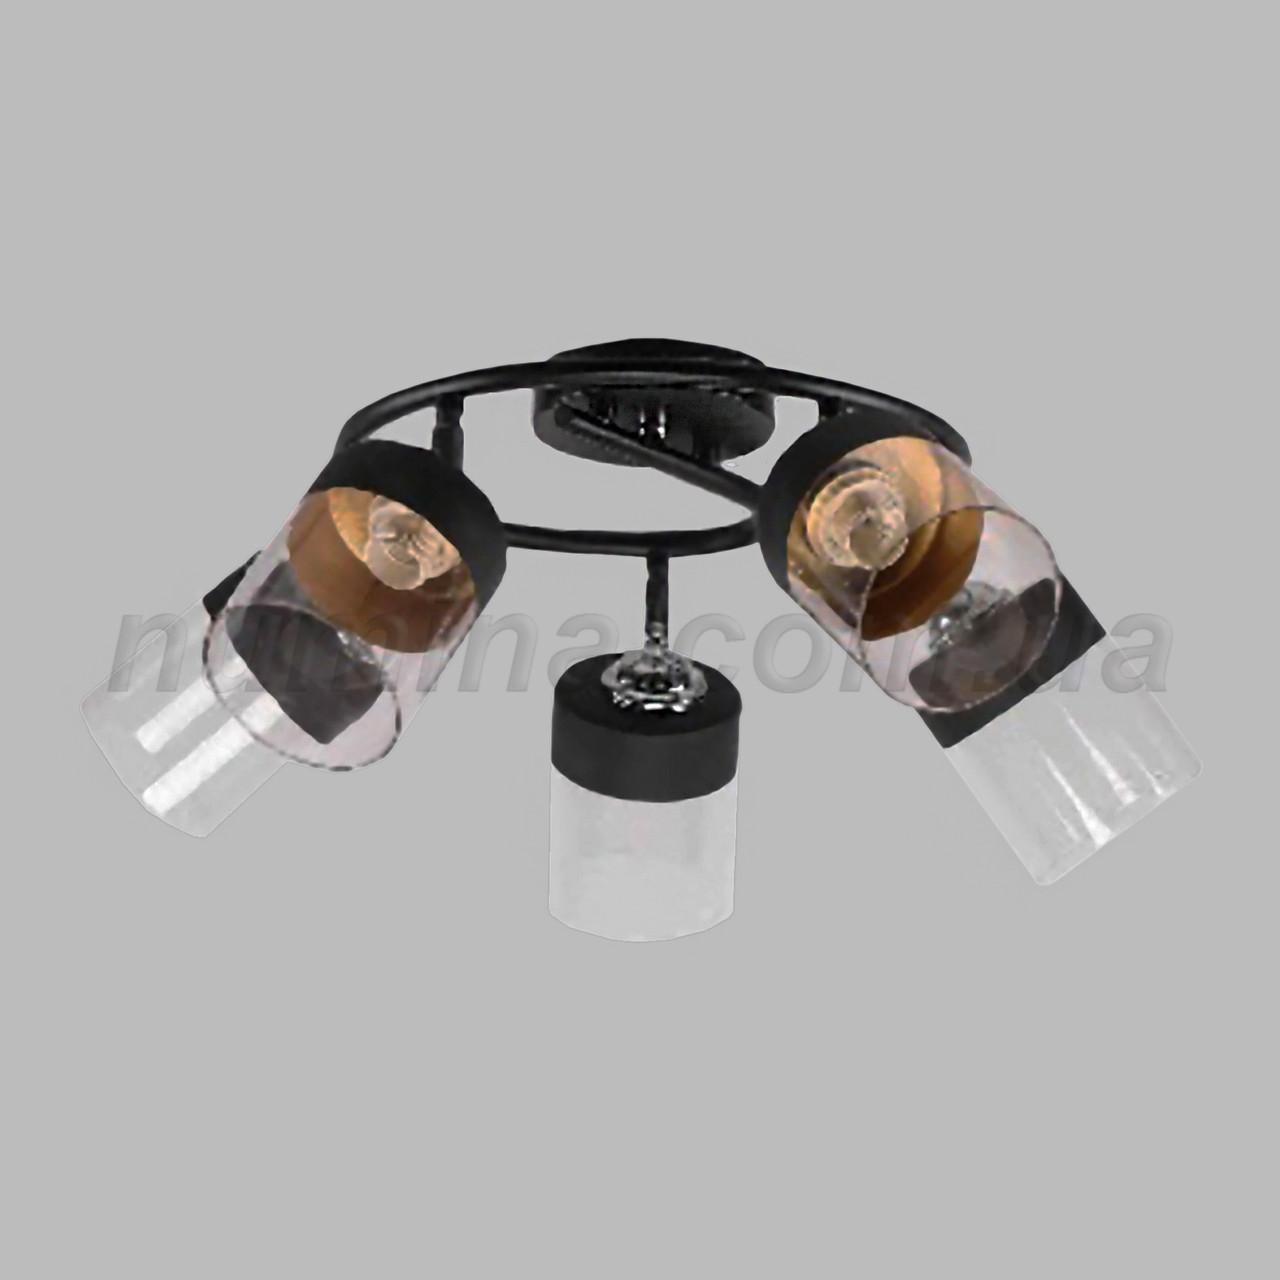 Люстра потолочная на пять ламп 06-51469/5A CR+BK